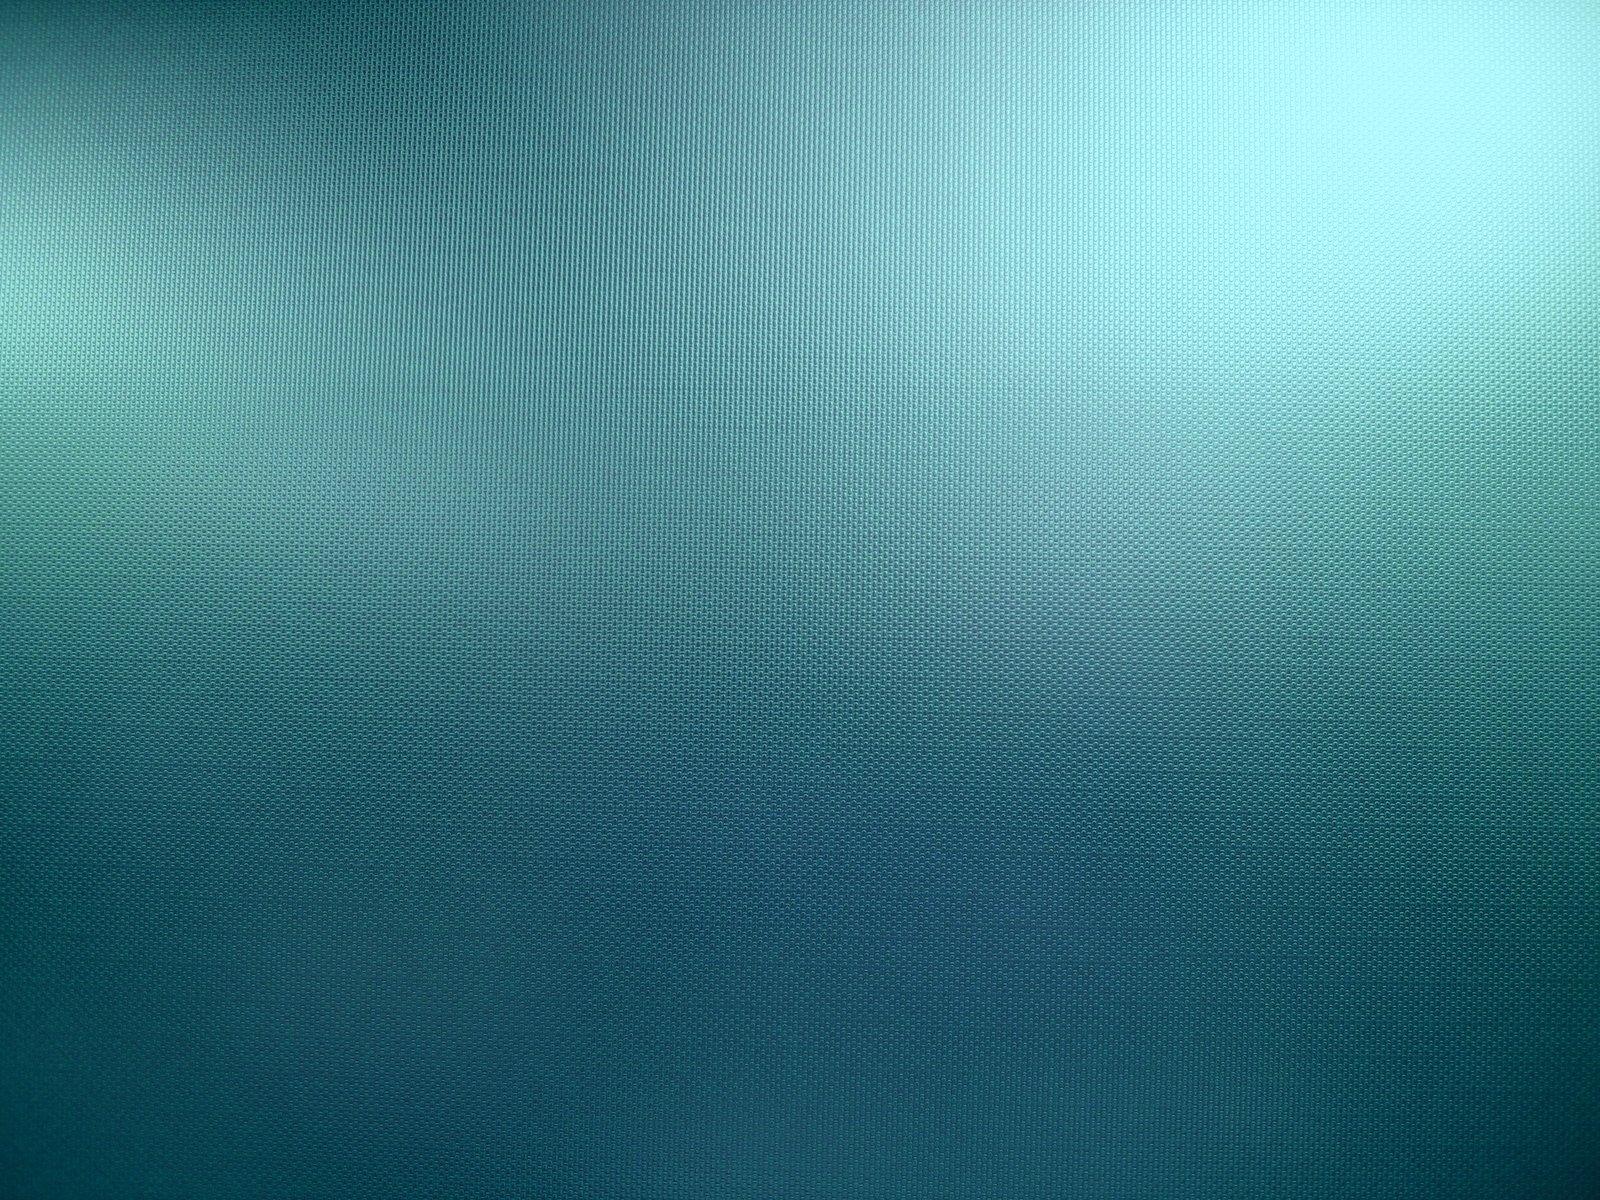 Photos Gratuites De Texture Metallique Turquoise Cyan Freeimages Com